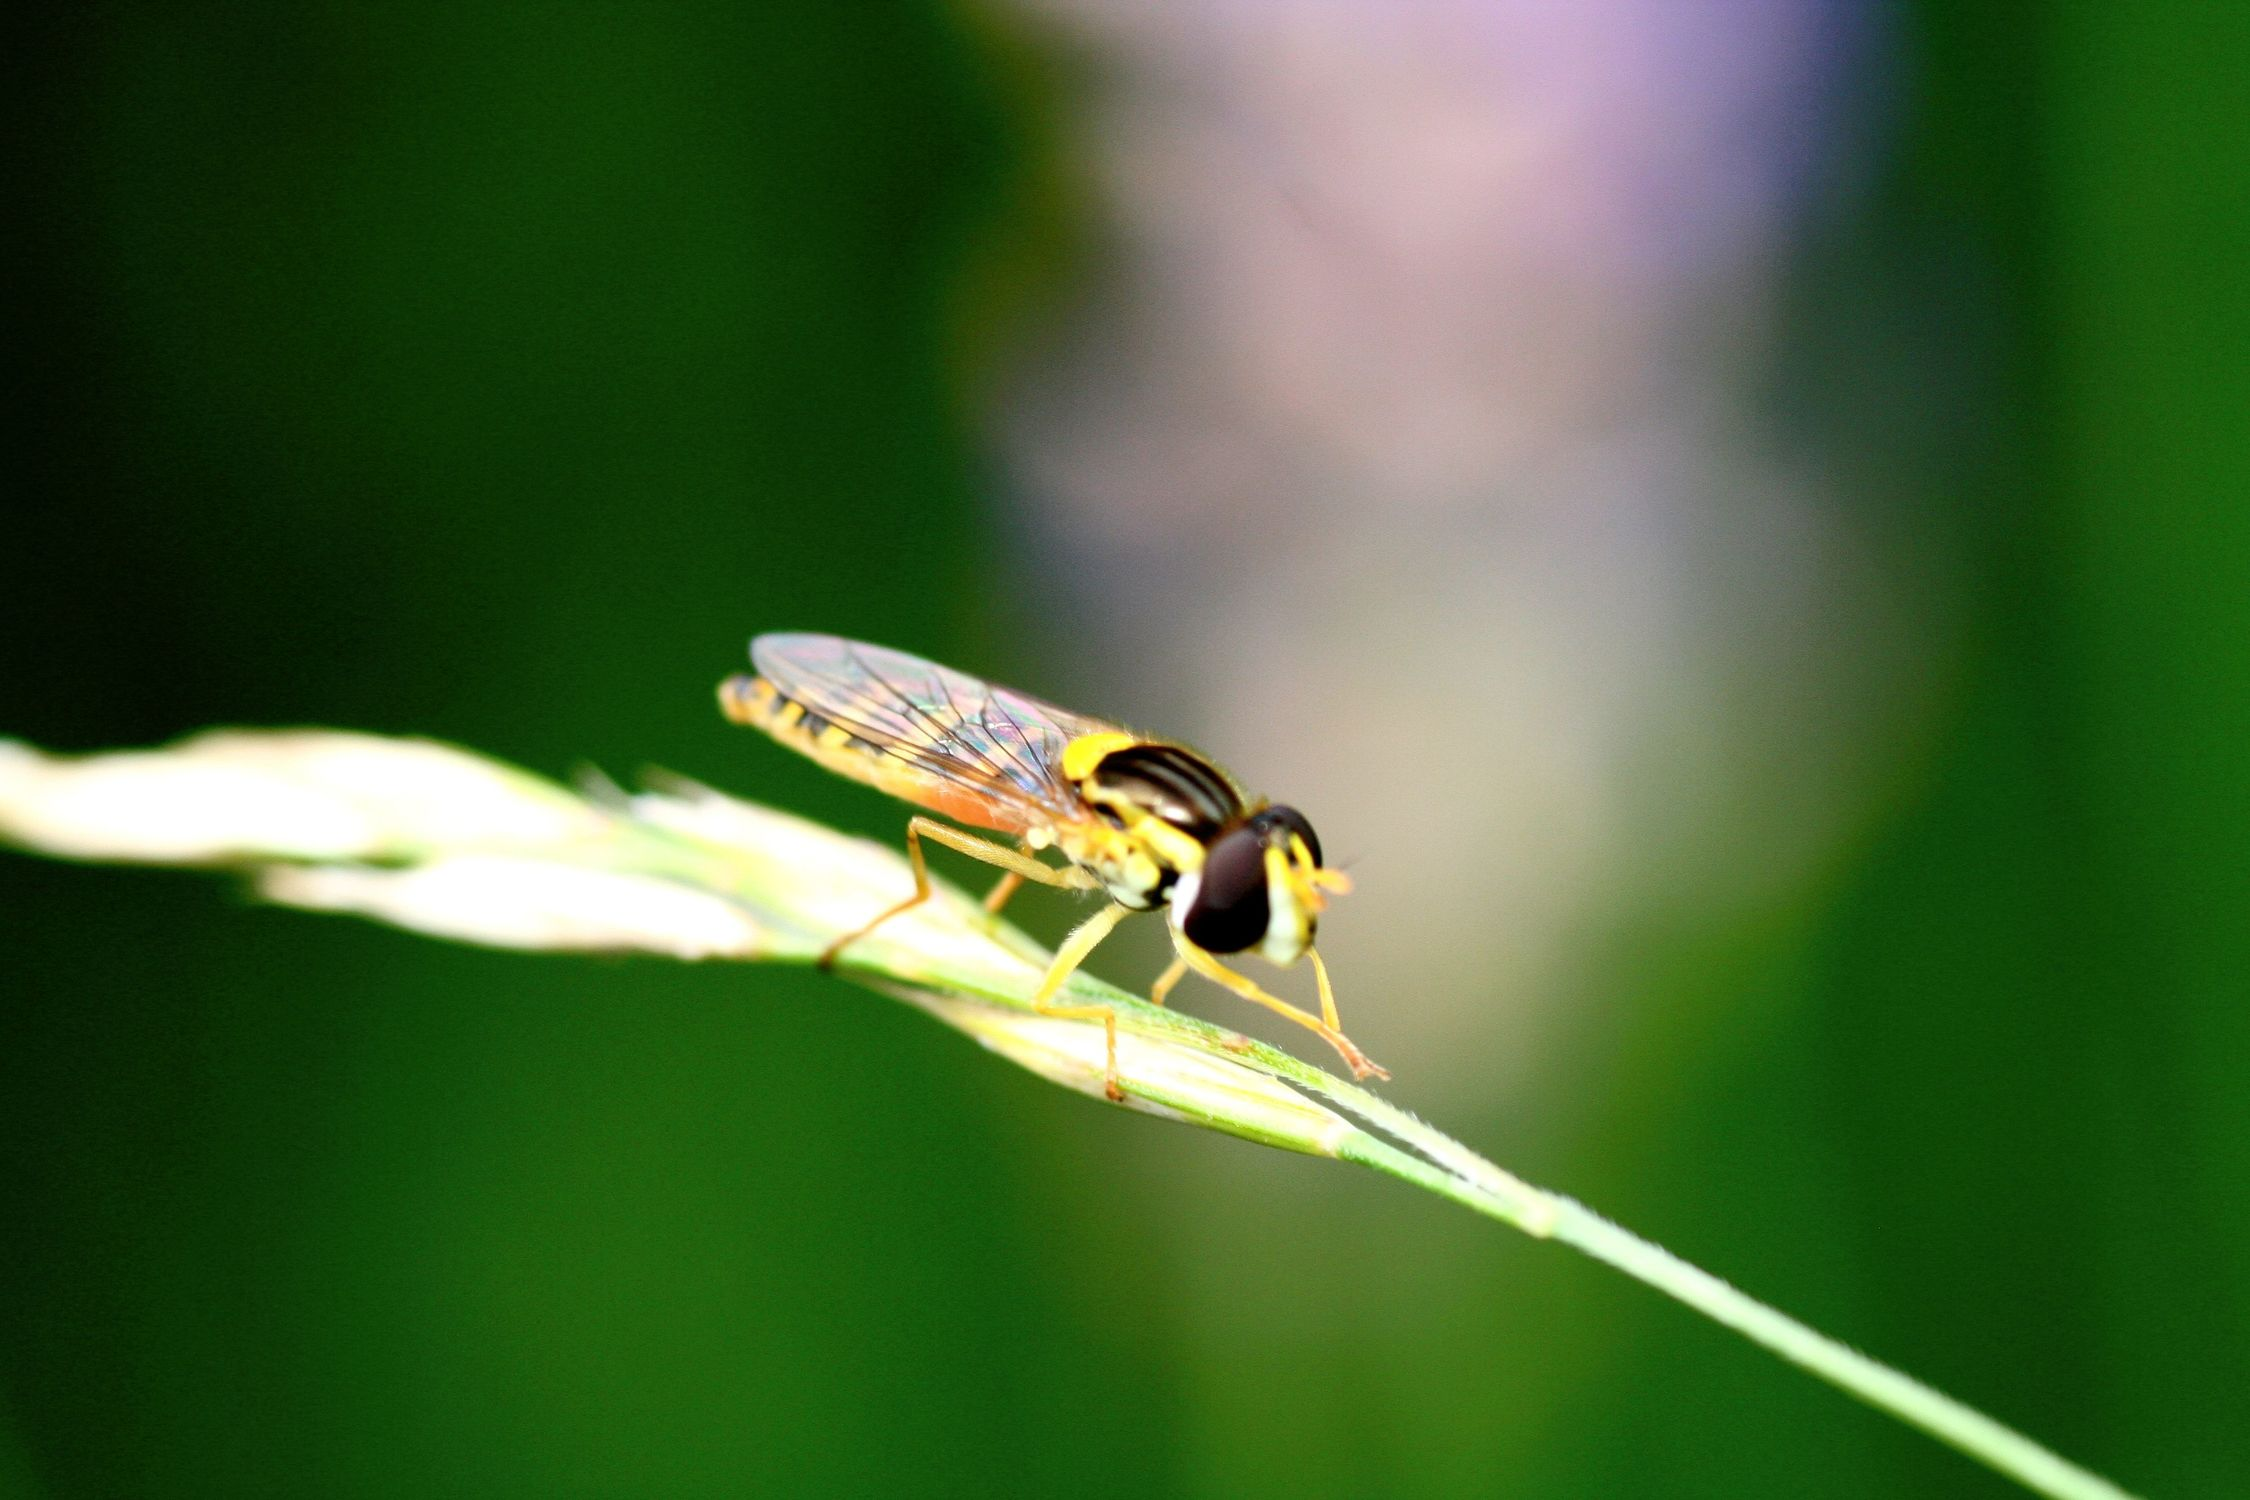 Bild mit Farben, Gelb, Tiere, Natur, Grün, Pflanzen, Insekten, Hautflügler, Wespen, Fliegen